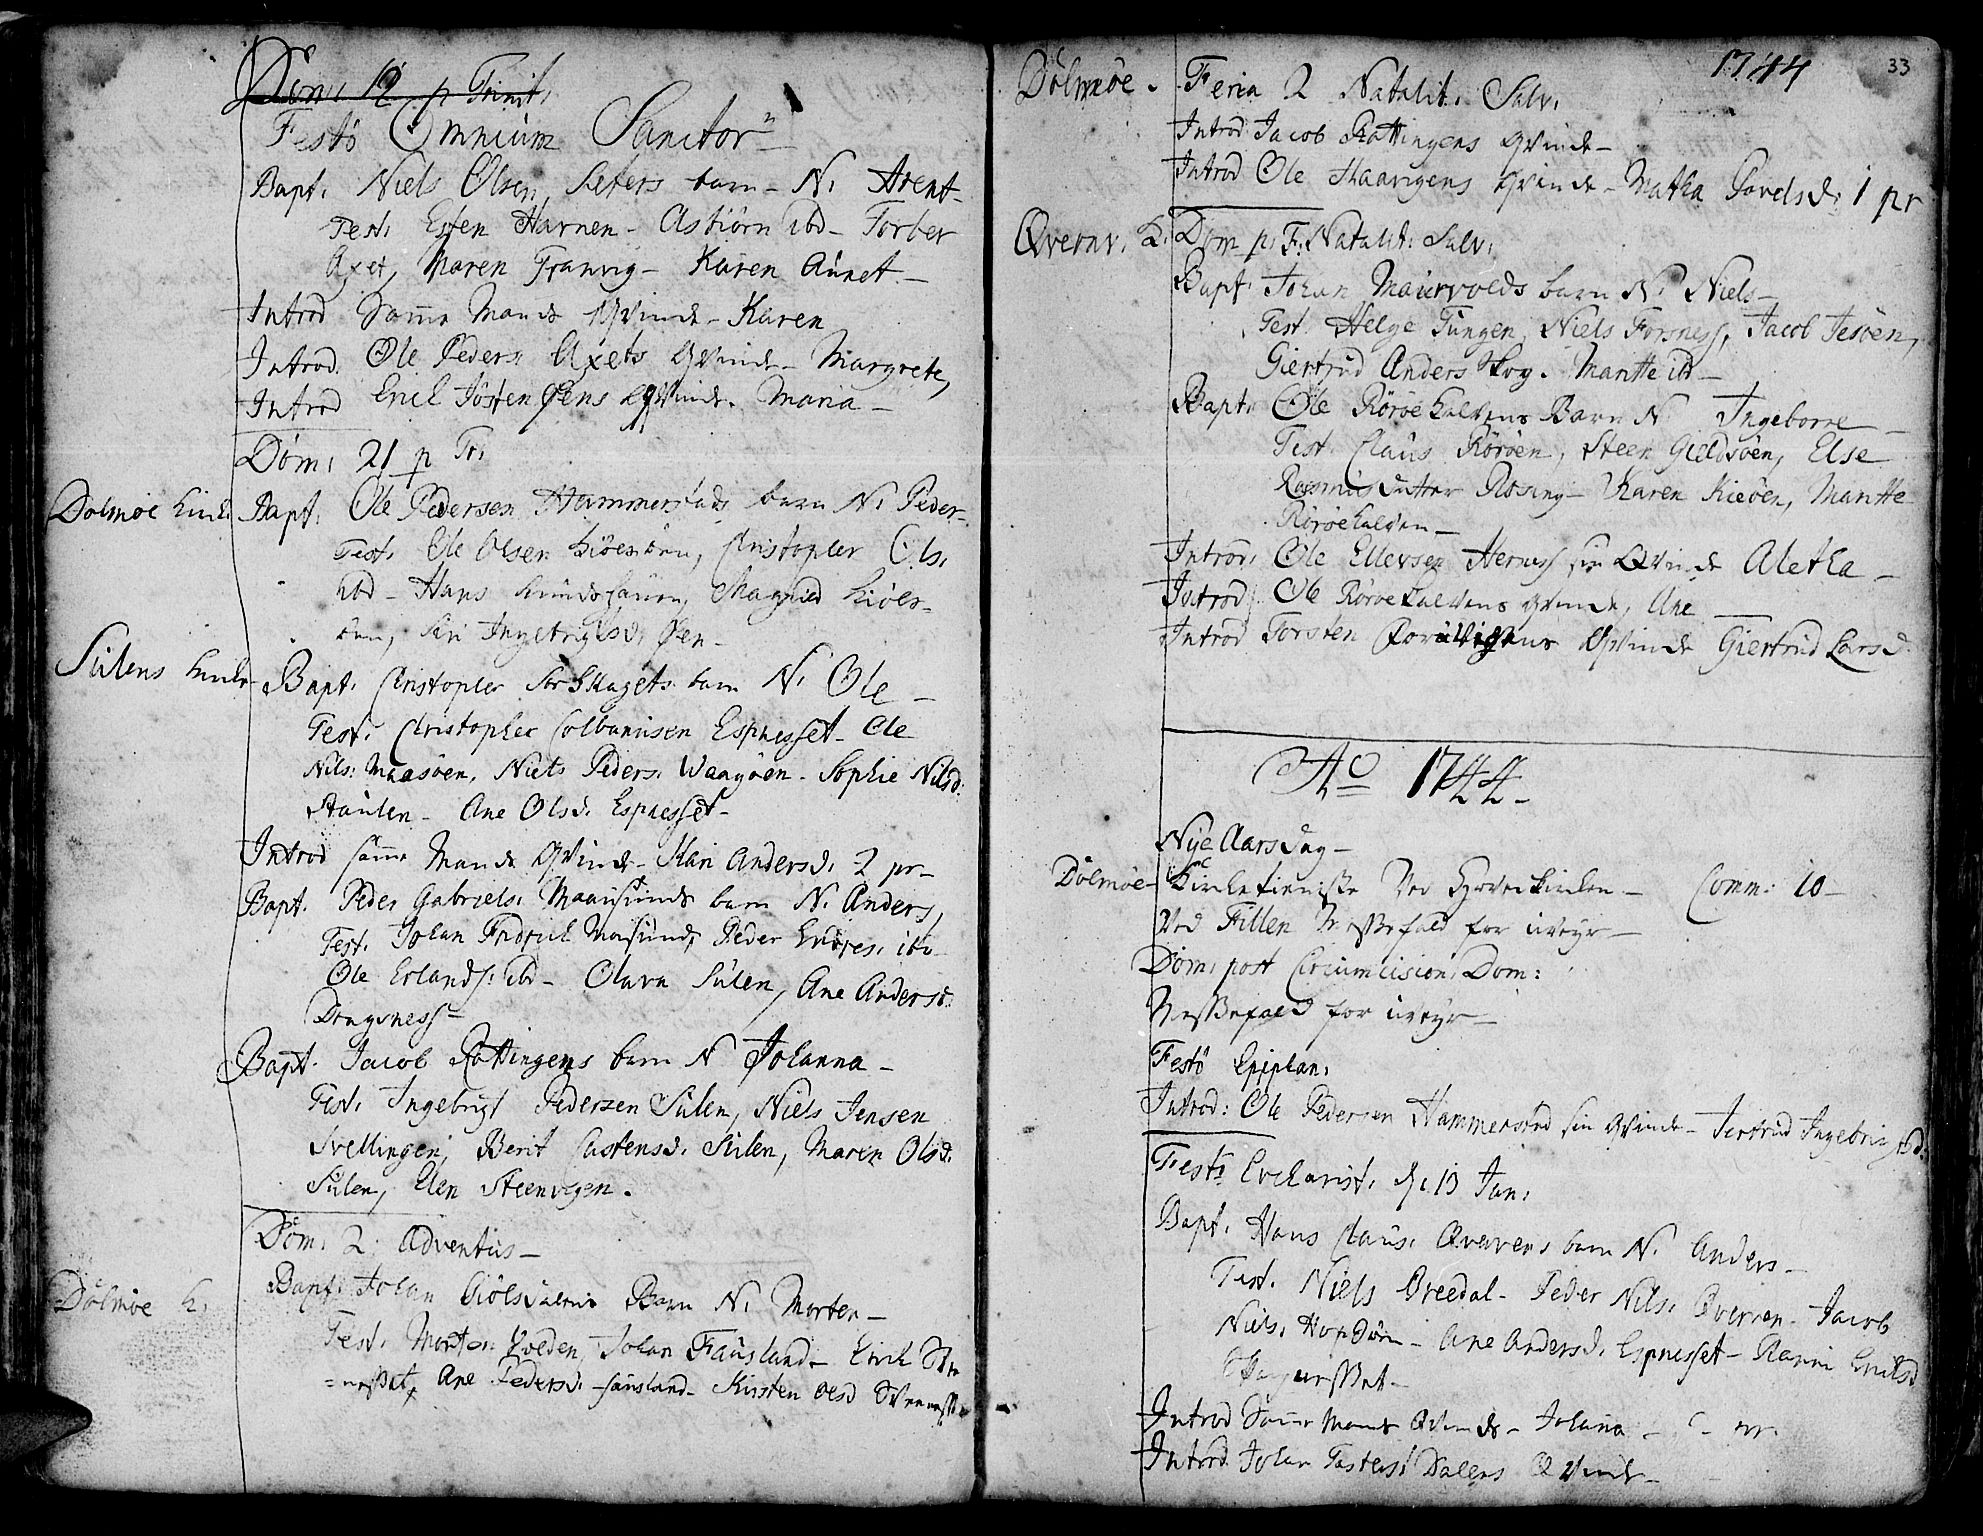 SAT, Ministerialprotokoller, klokkerbøker og fødselsregistre - Sør-Trøndelag, 634/L0525: Ministerialbok nr. 634A01, 1736-1775, s. 33